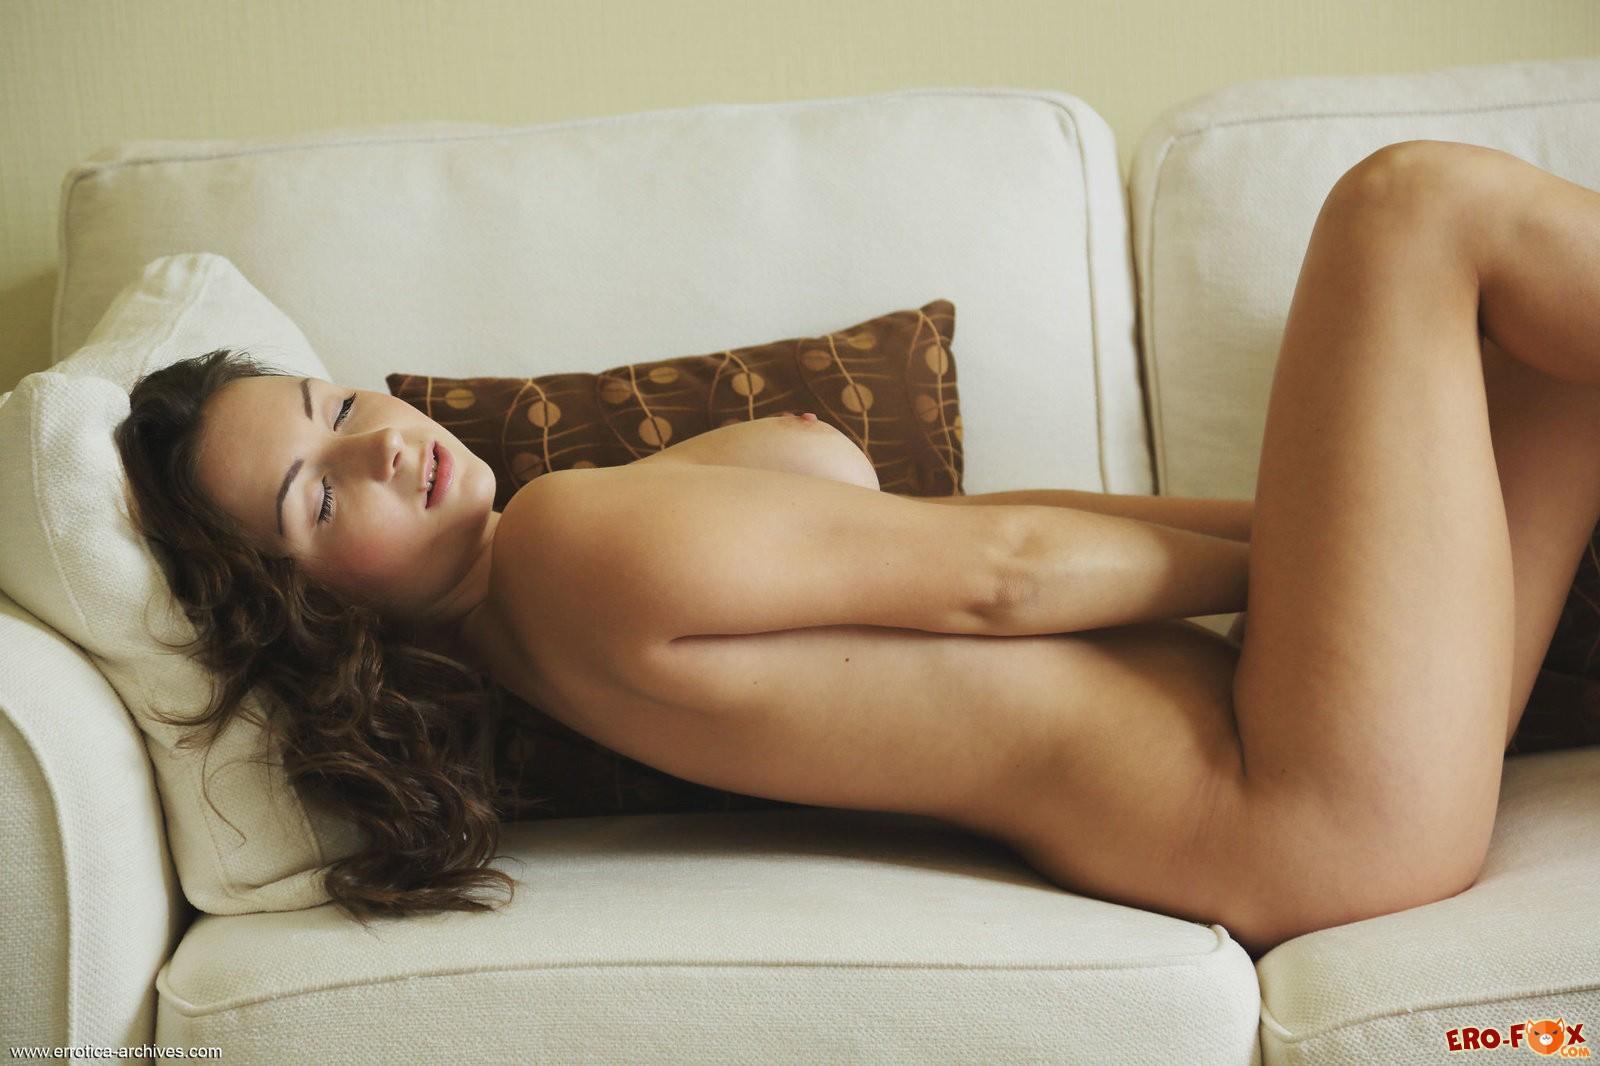 Русская девушка снимает трусики на диване